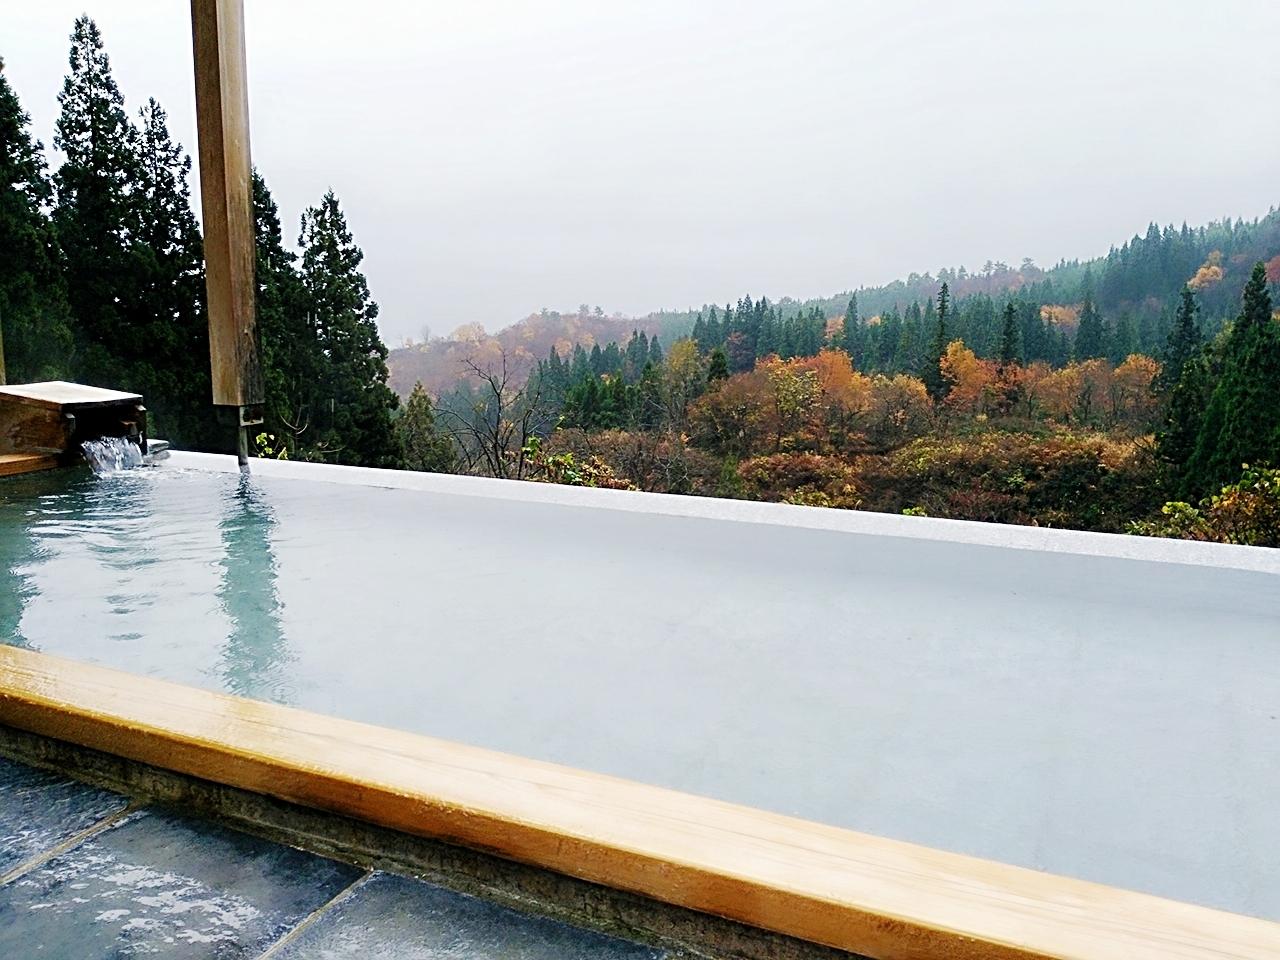 旅のテーマはオーガニック&デトックス【里山十帖】で心もカラダもスッキリの1泊2日新潟県大沢温泉の旅